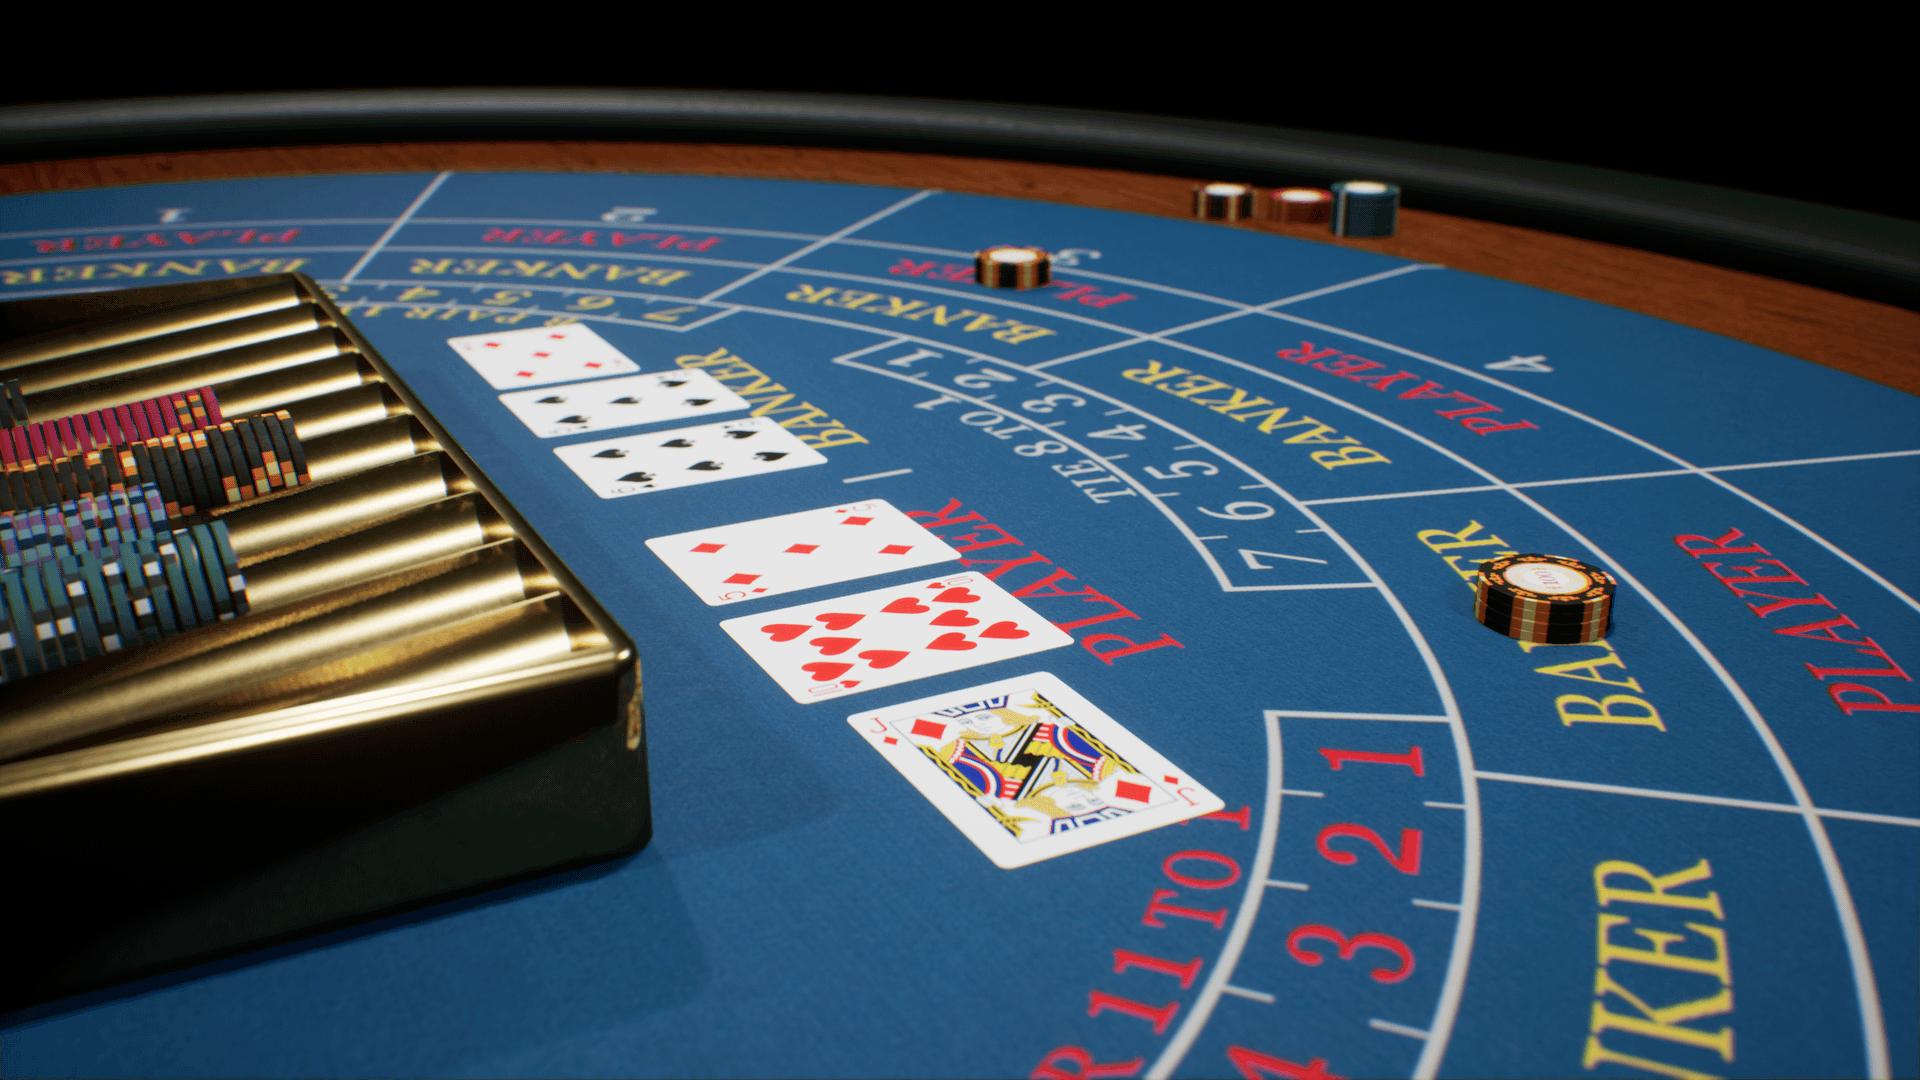 ポーカーでストレートフラッシュを作るために従うことができるヒント